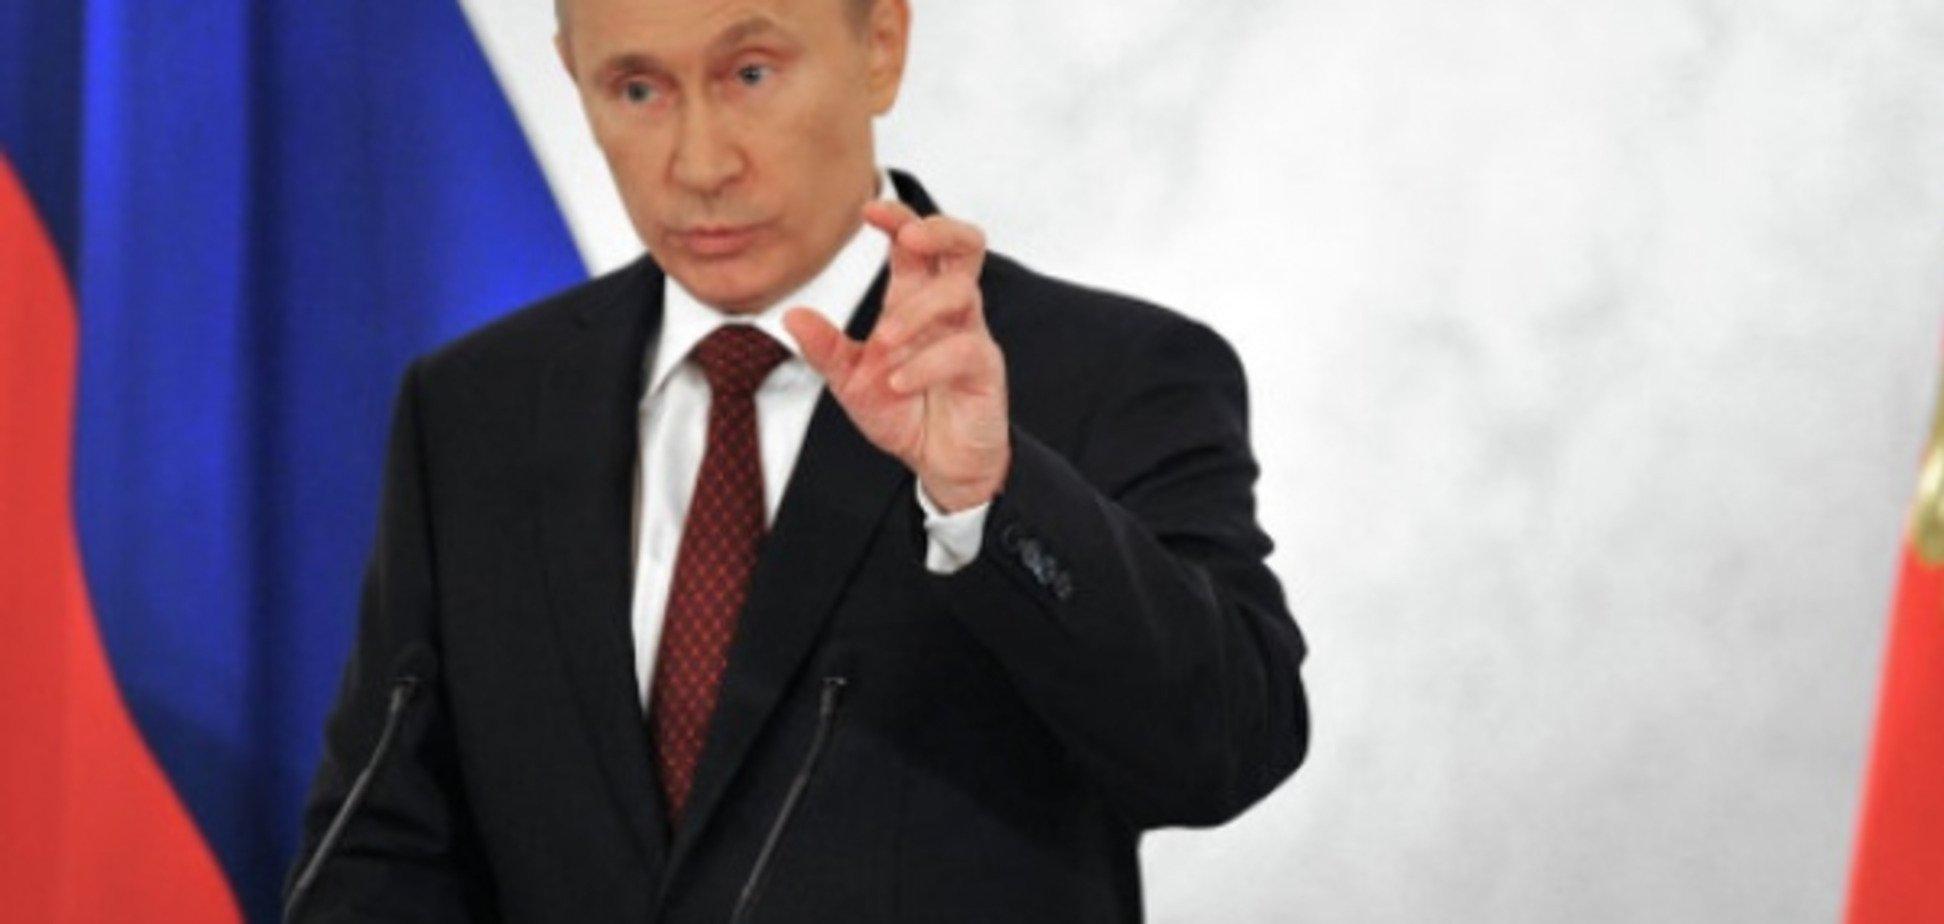 Путін дивиться на свій дім і ненавидить те, що він бачить - Bloomberg